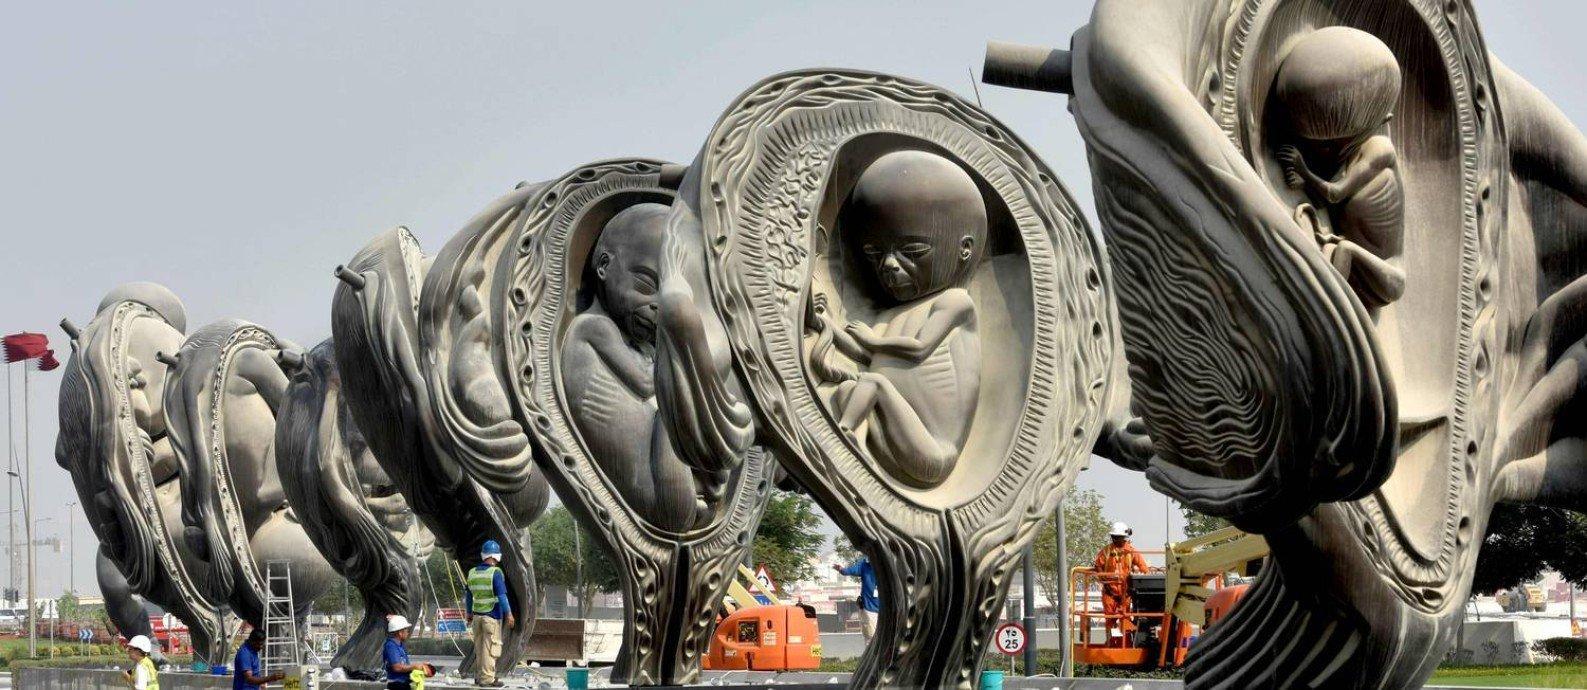 Esculturas da instalação 'A Viagem Maravilhosa' diante do hospital Sidra, no Catar.